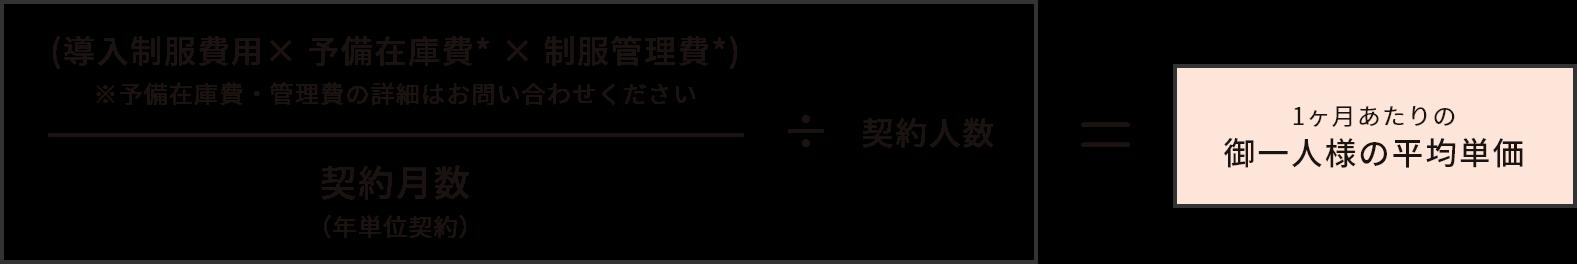 1ヶ月の基本料金計算式サンプル 図解